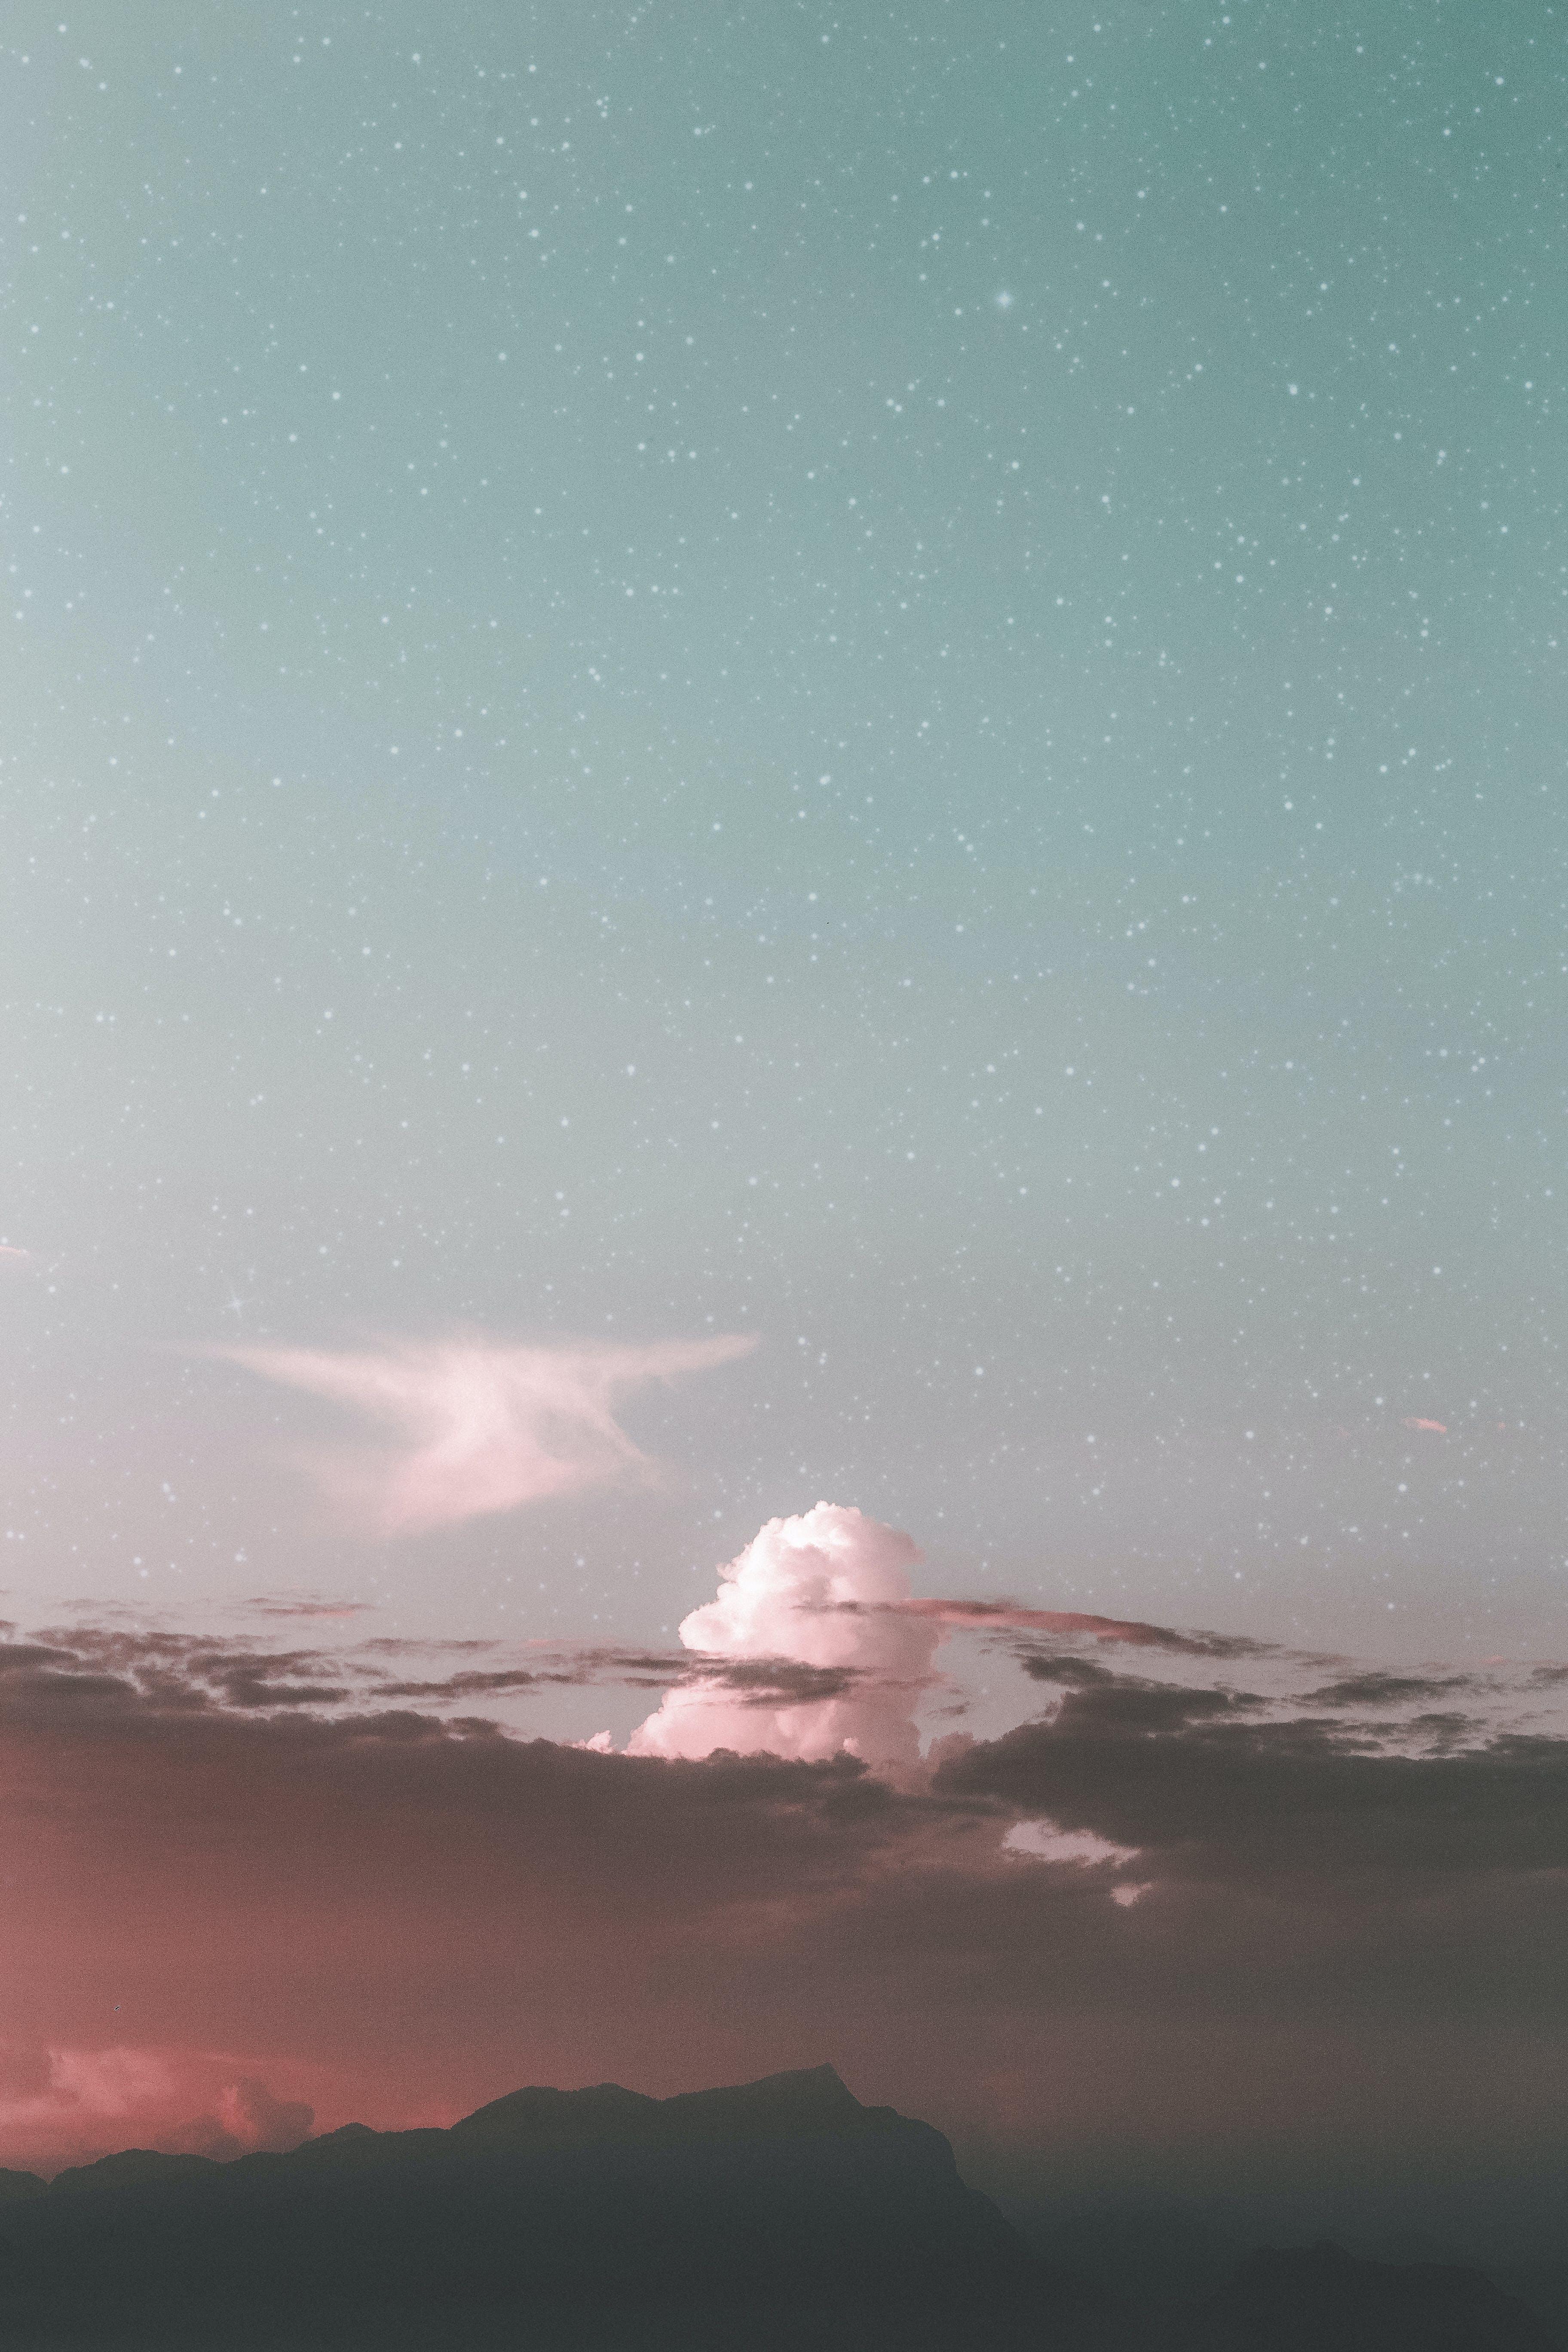 HD wallpaper с HD-обои, Астрономия, вечер, гора